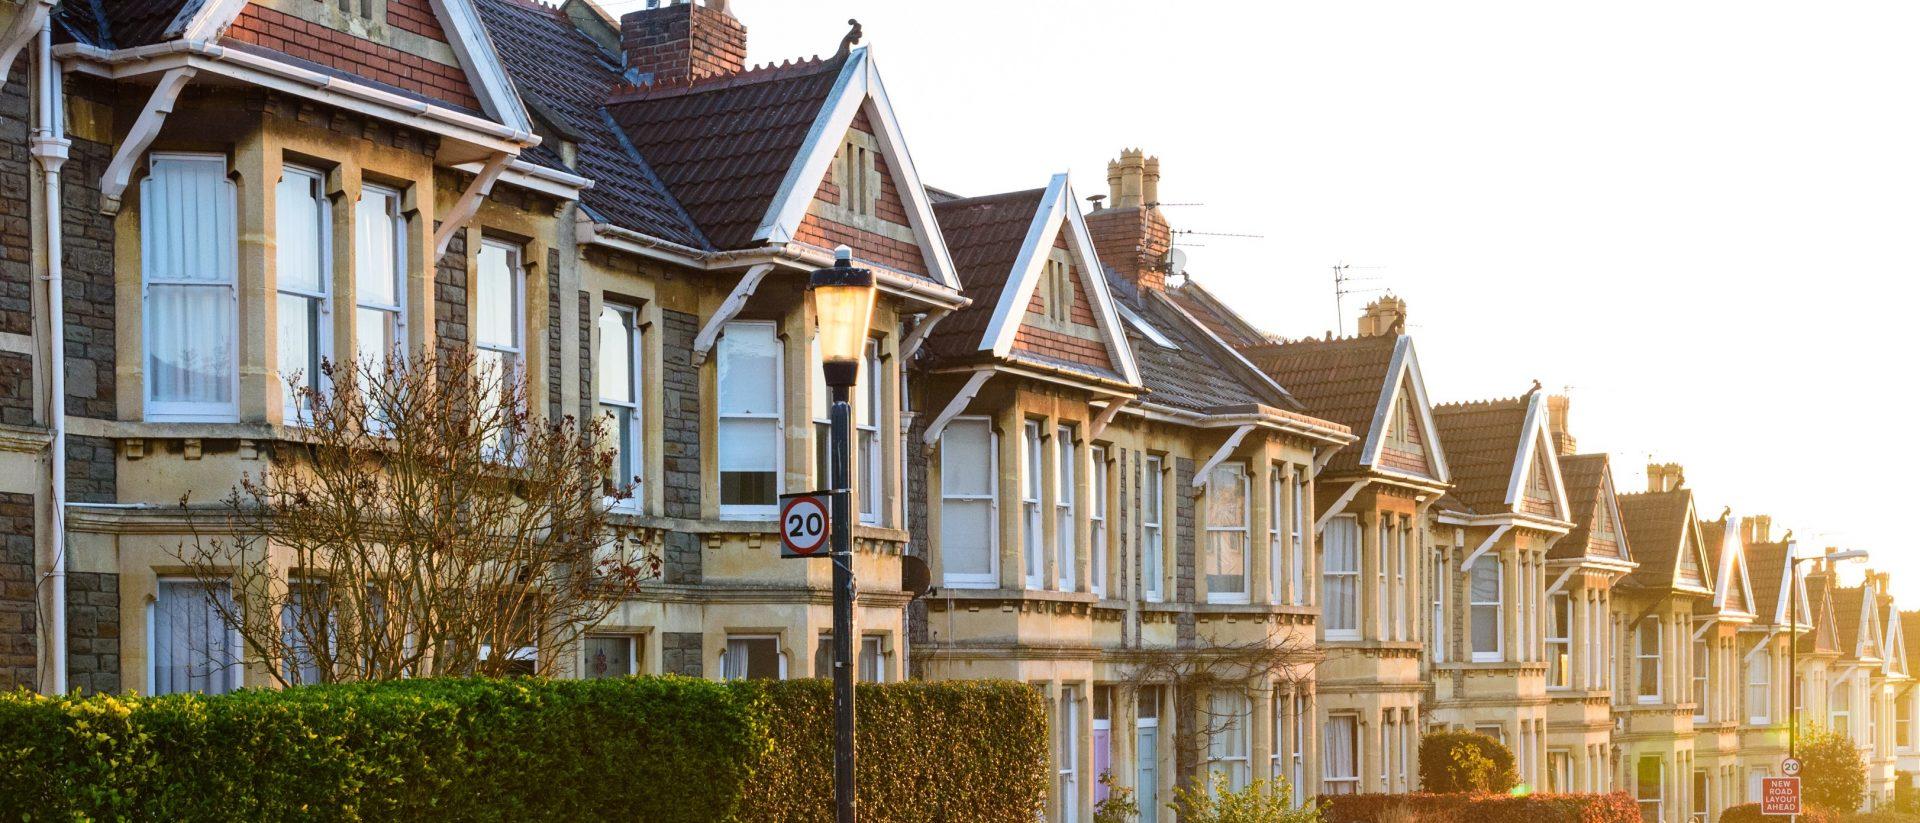 UK House Market - House image